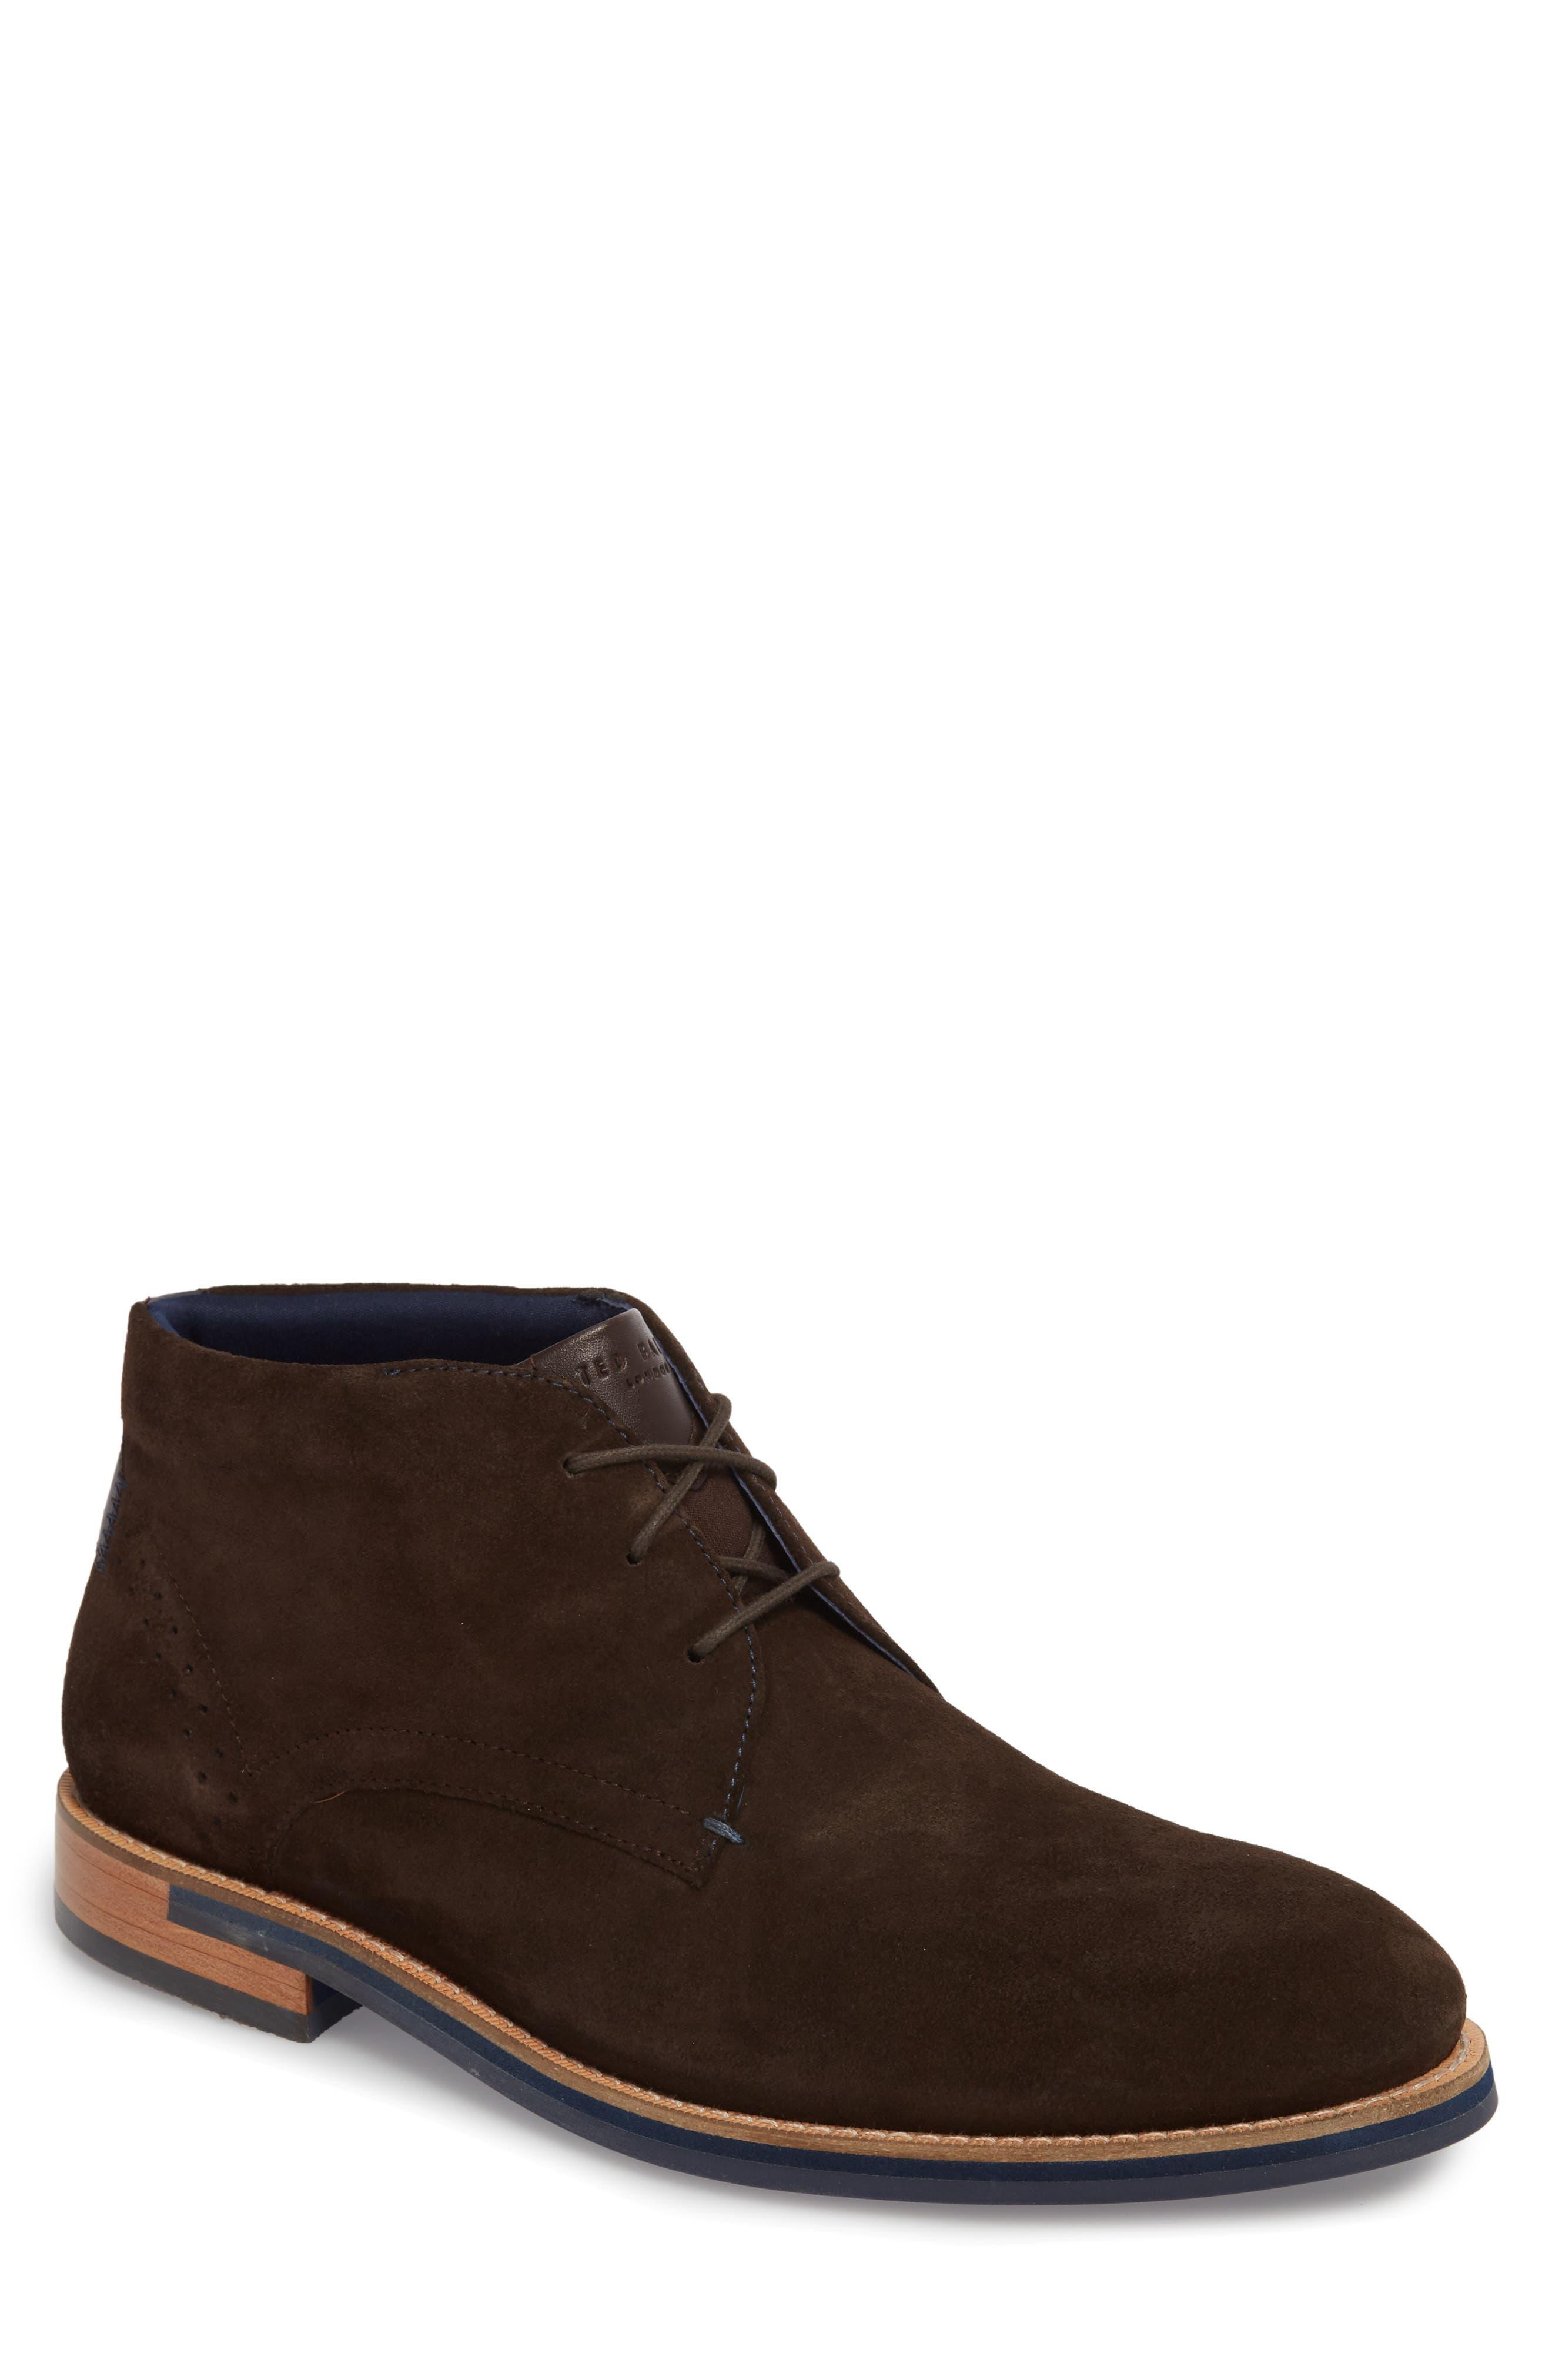 Ted Baker London Daiinos Chukka Boot